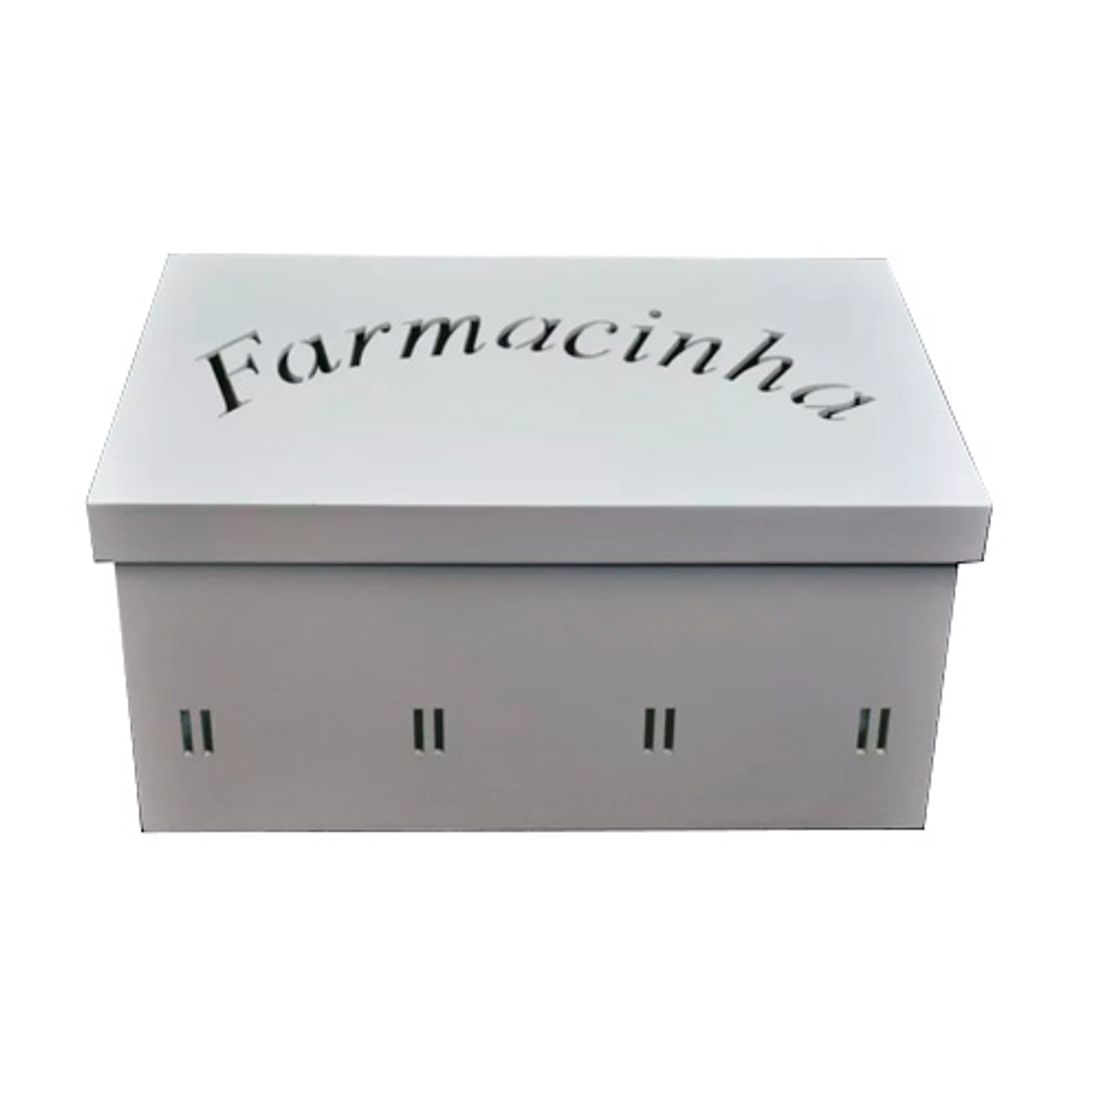 Caixa-Farmacinha-Com-Alca-Passa-Fita-MDF-Pintado-Madeira